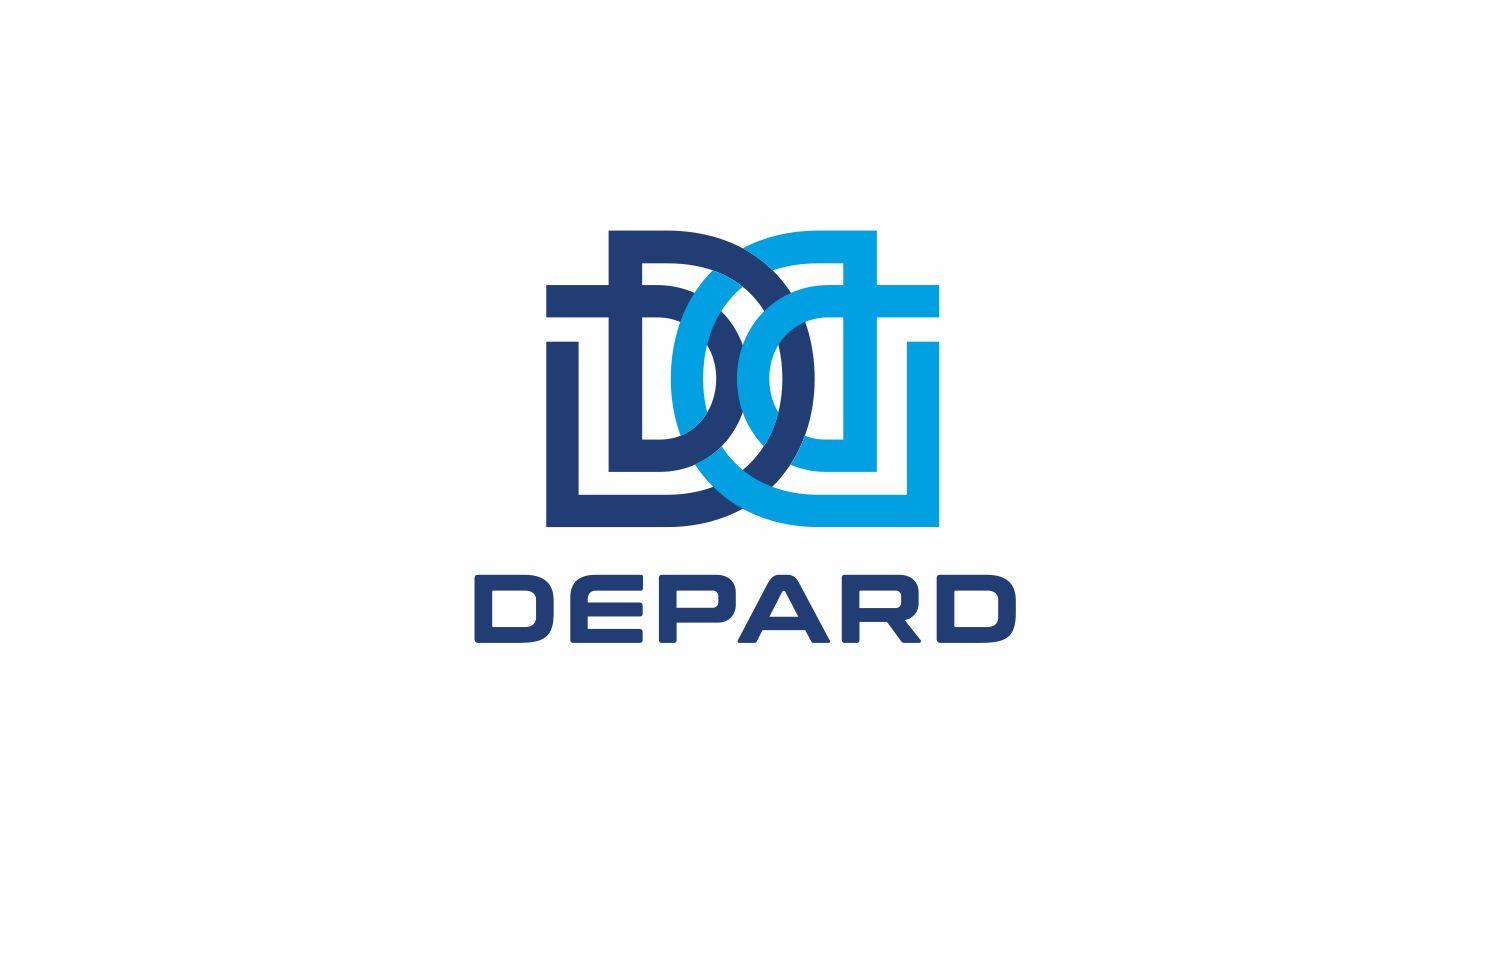 Логотип для компании (услуги недвижимость) фото f_05059301b5448480.jpg